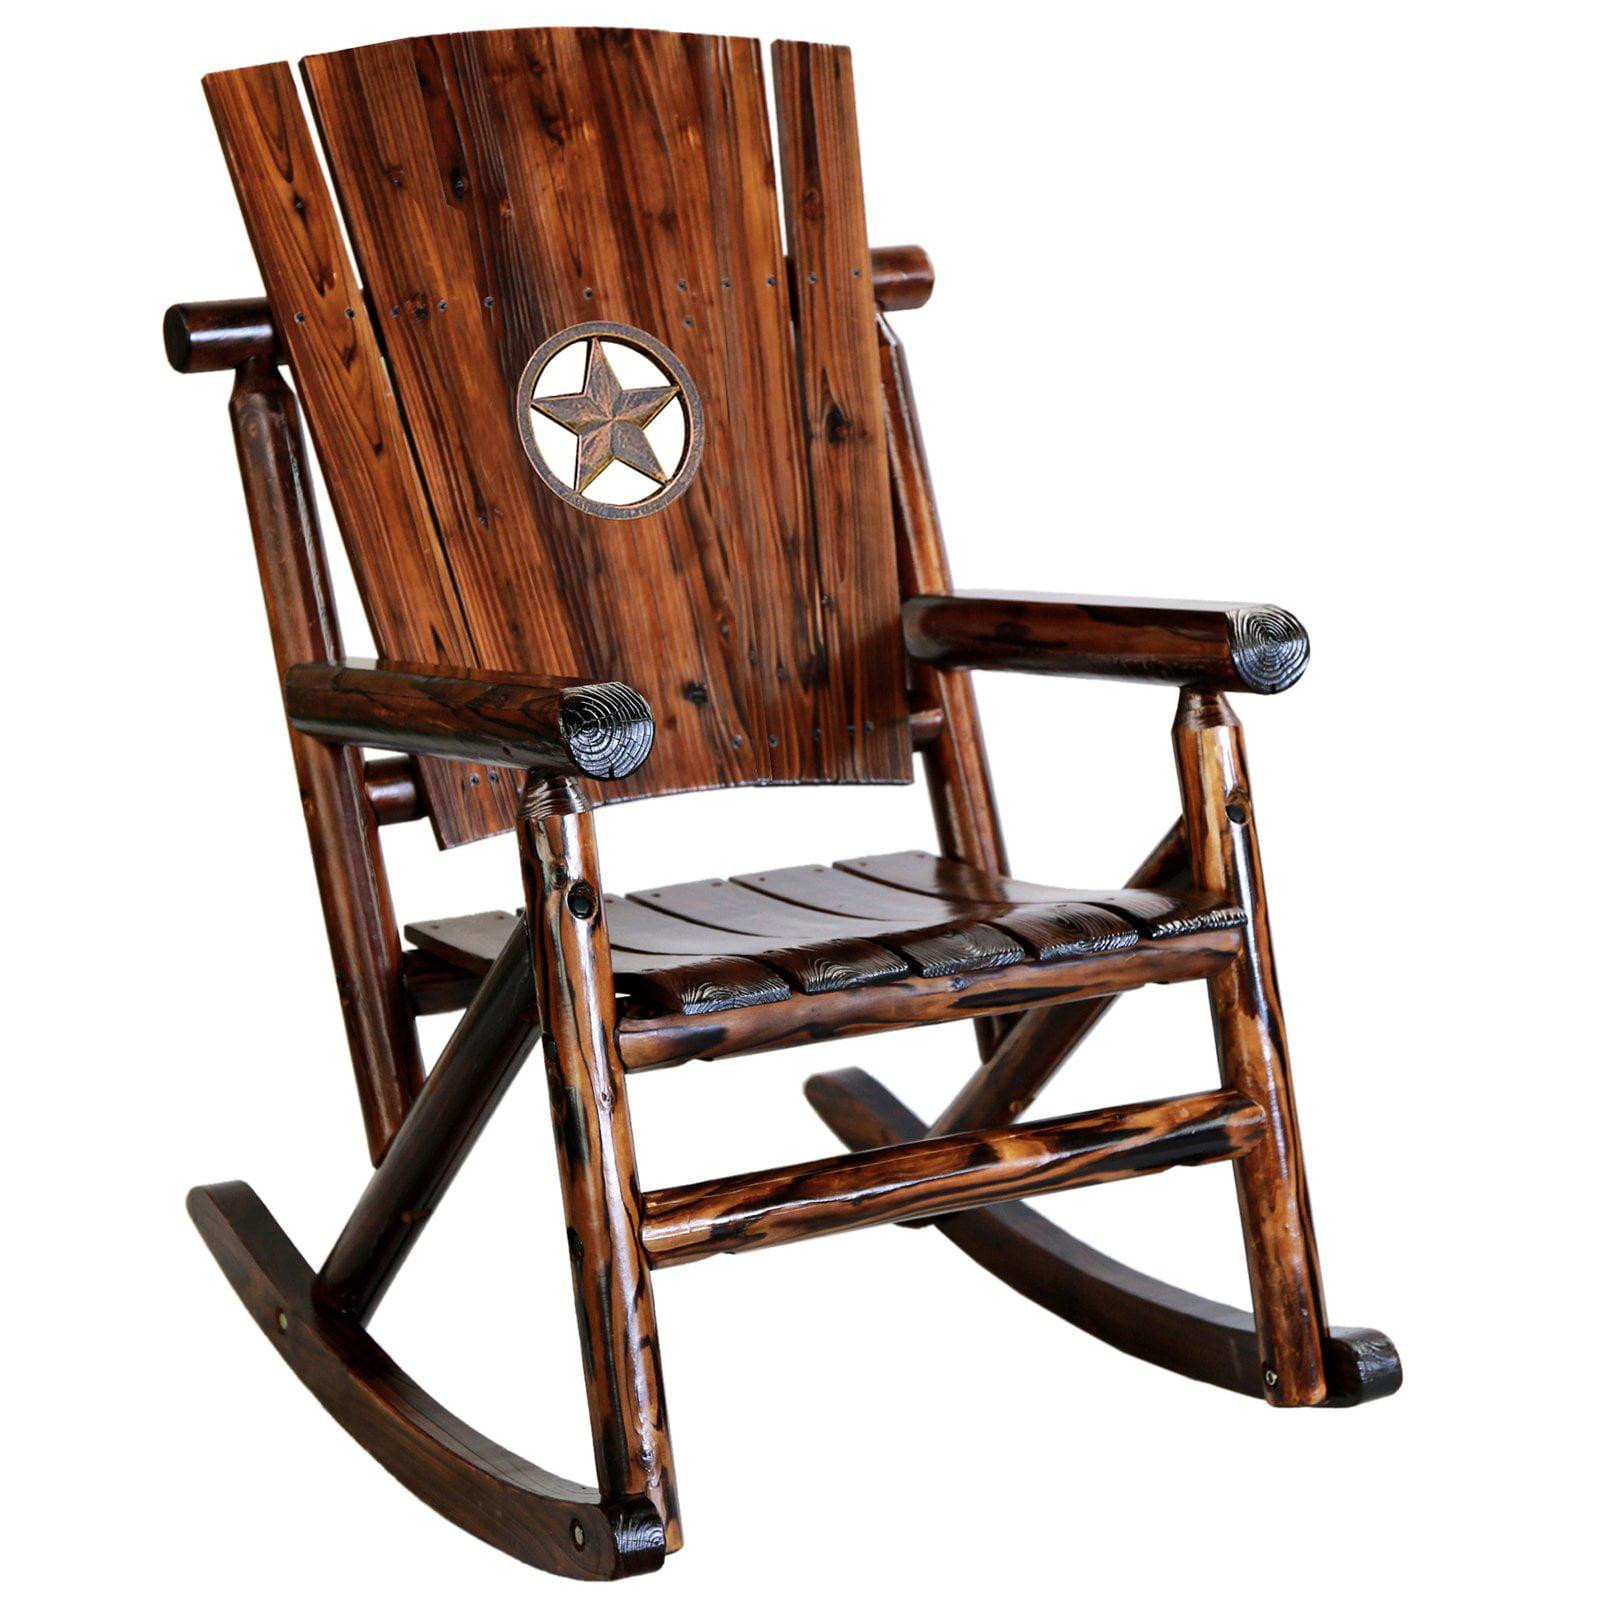 Leigh Country Char-log Star Medallion Porch Rocker Chair